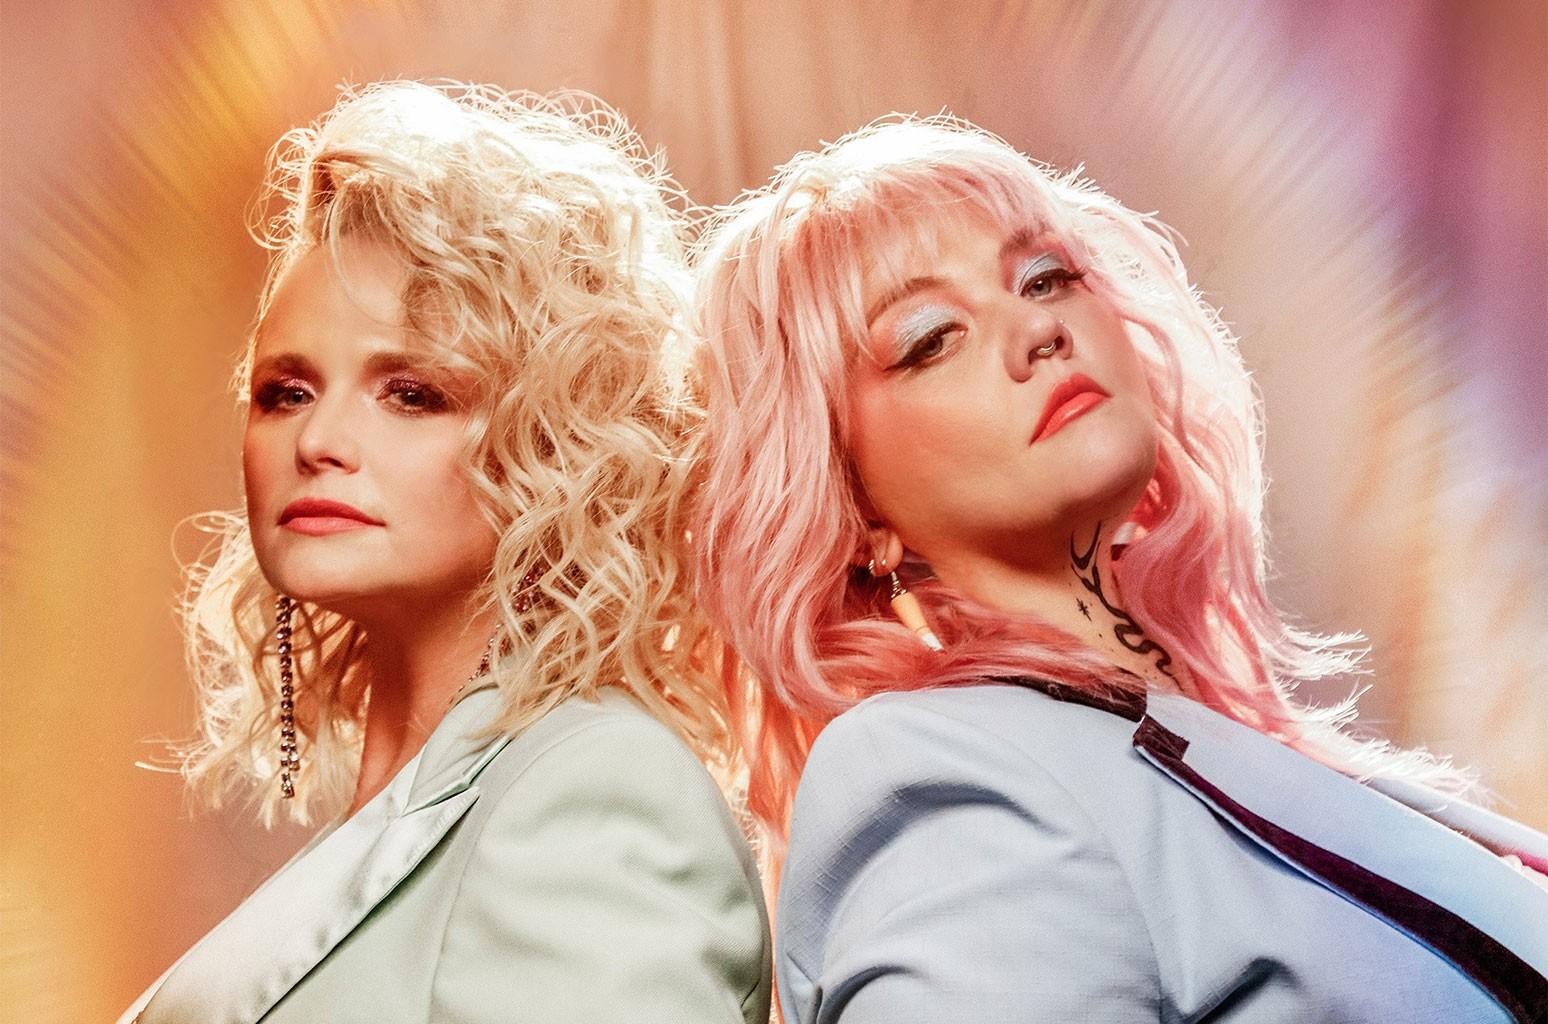 Миранда Ламберт и Эль Кинг поделились с Синди Лаупер на съемках «Пьяного»: смотреть